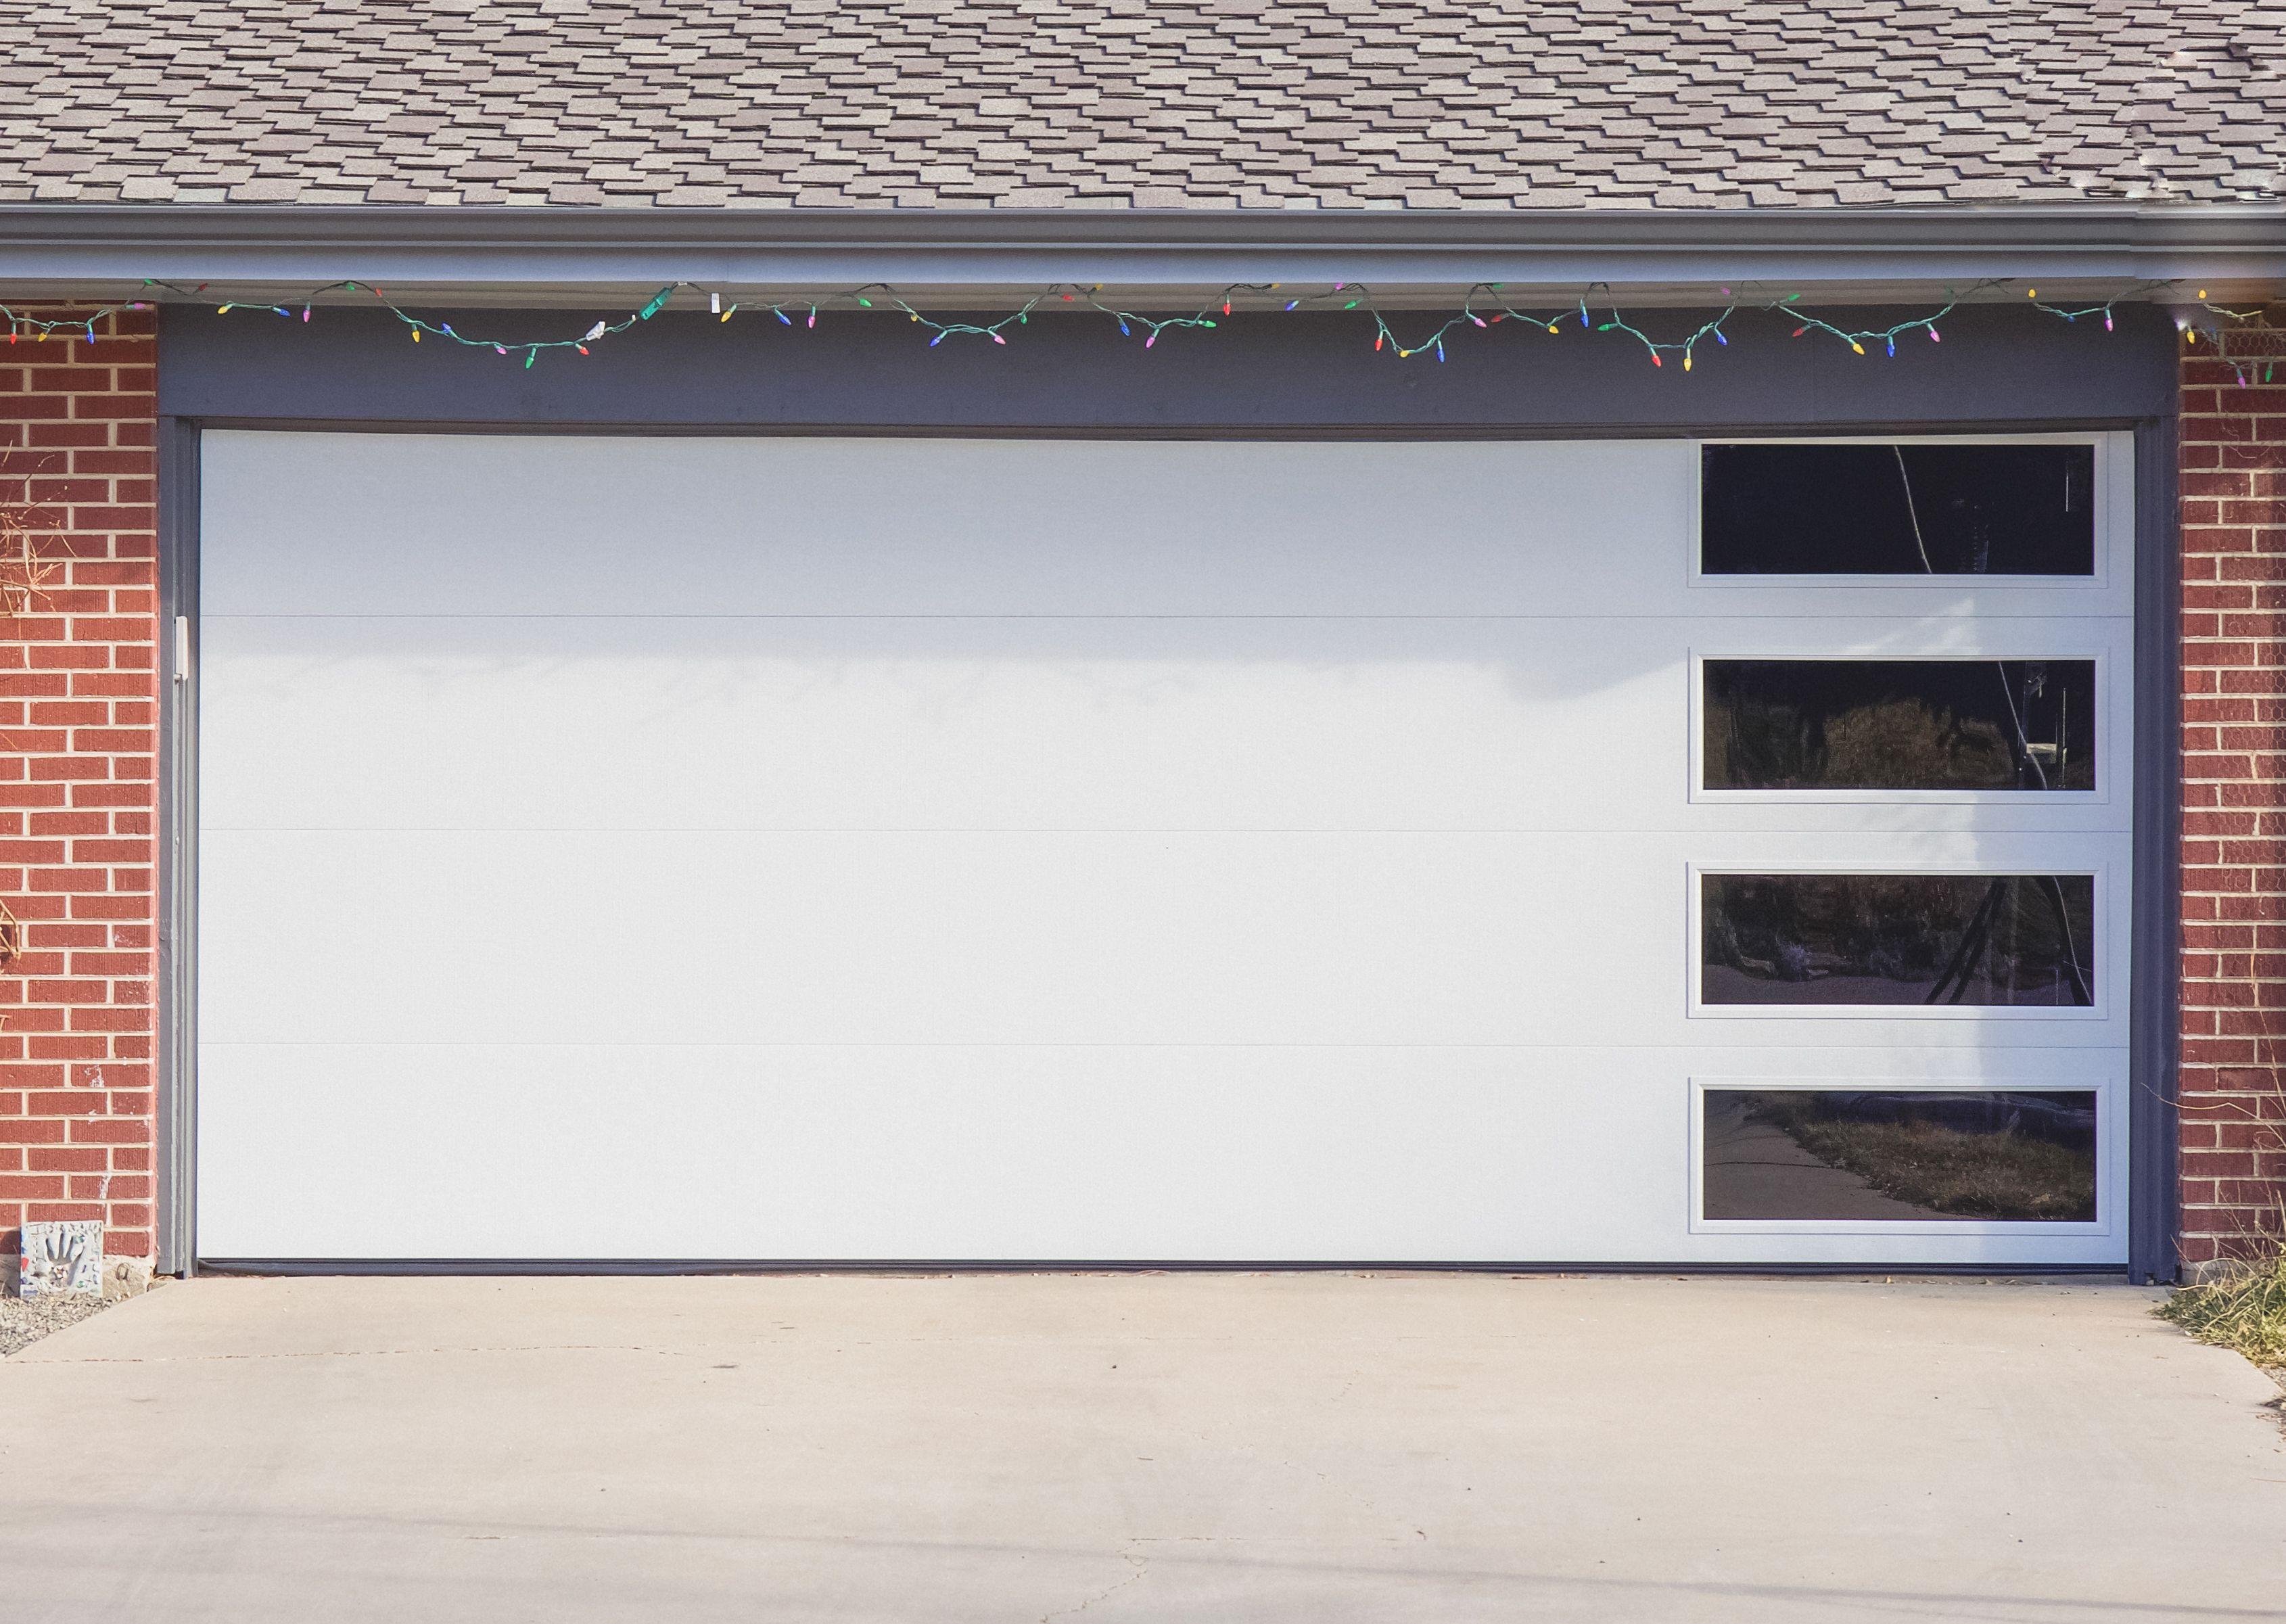 Residential Garage Doors Denver Residential Garage Doors White Garage Doors Garage Doors